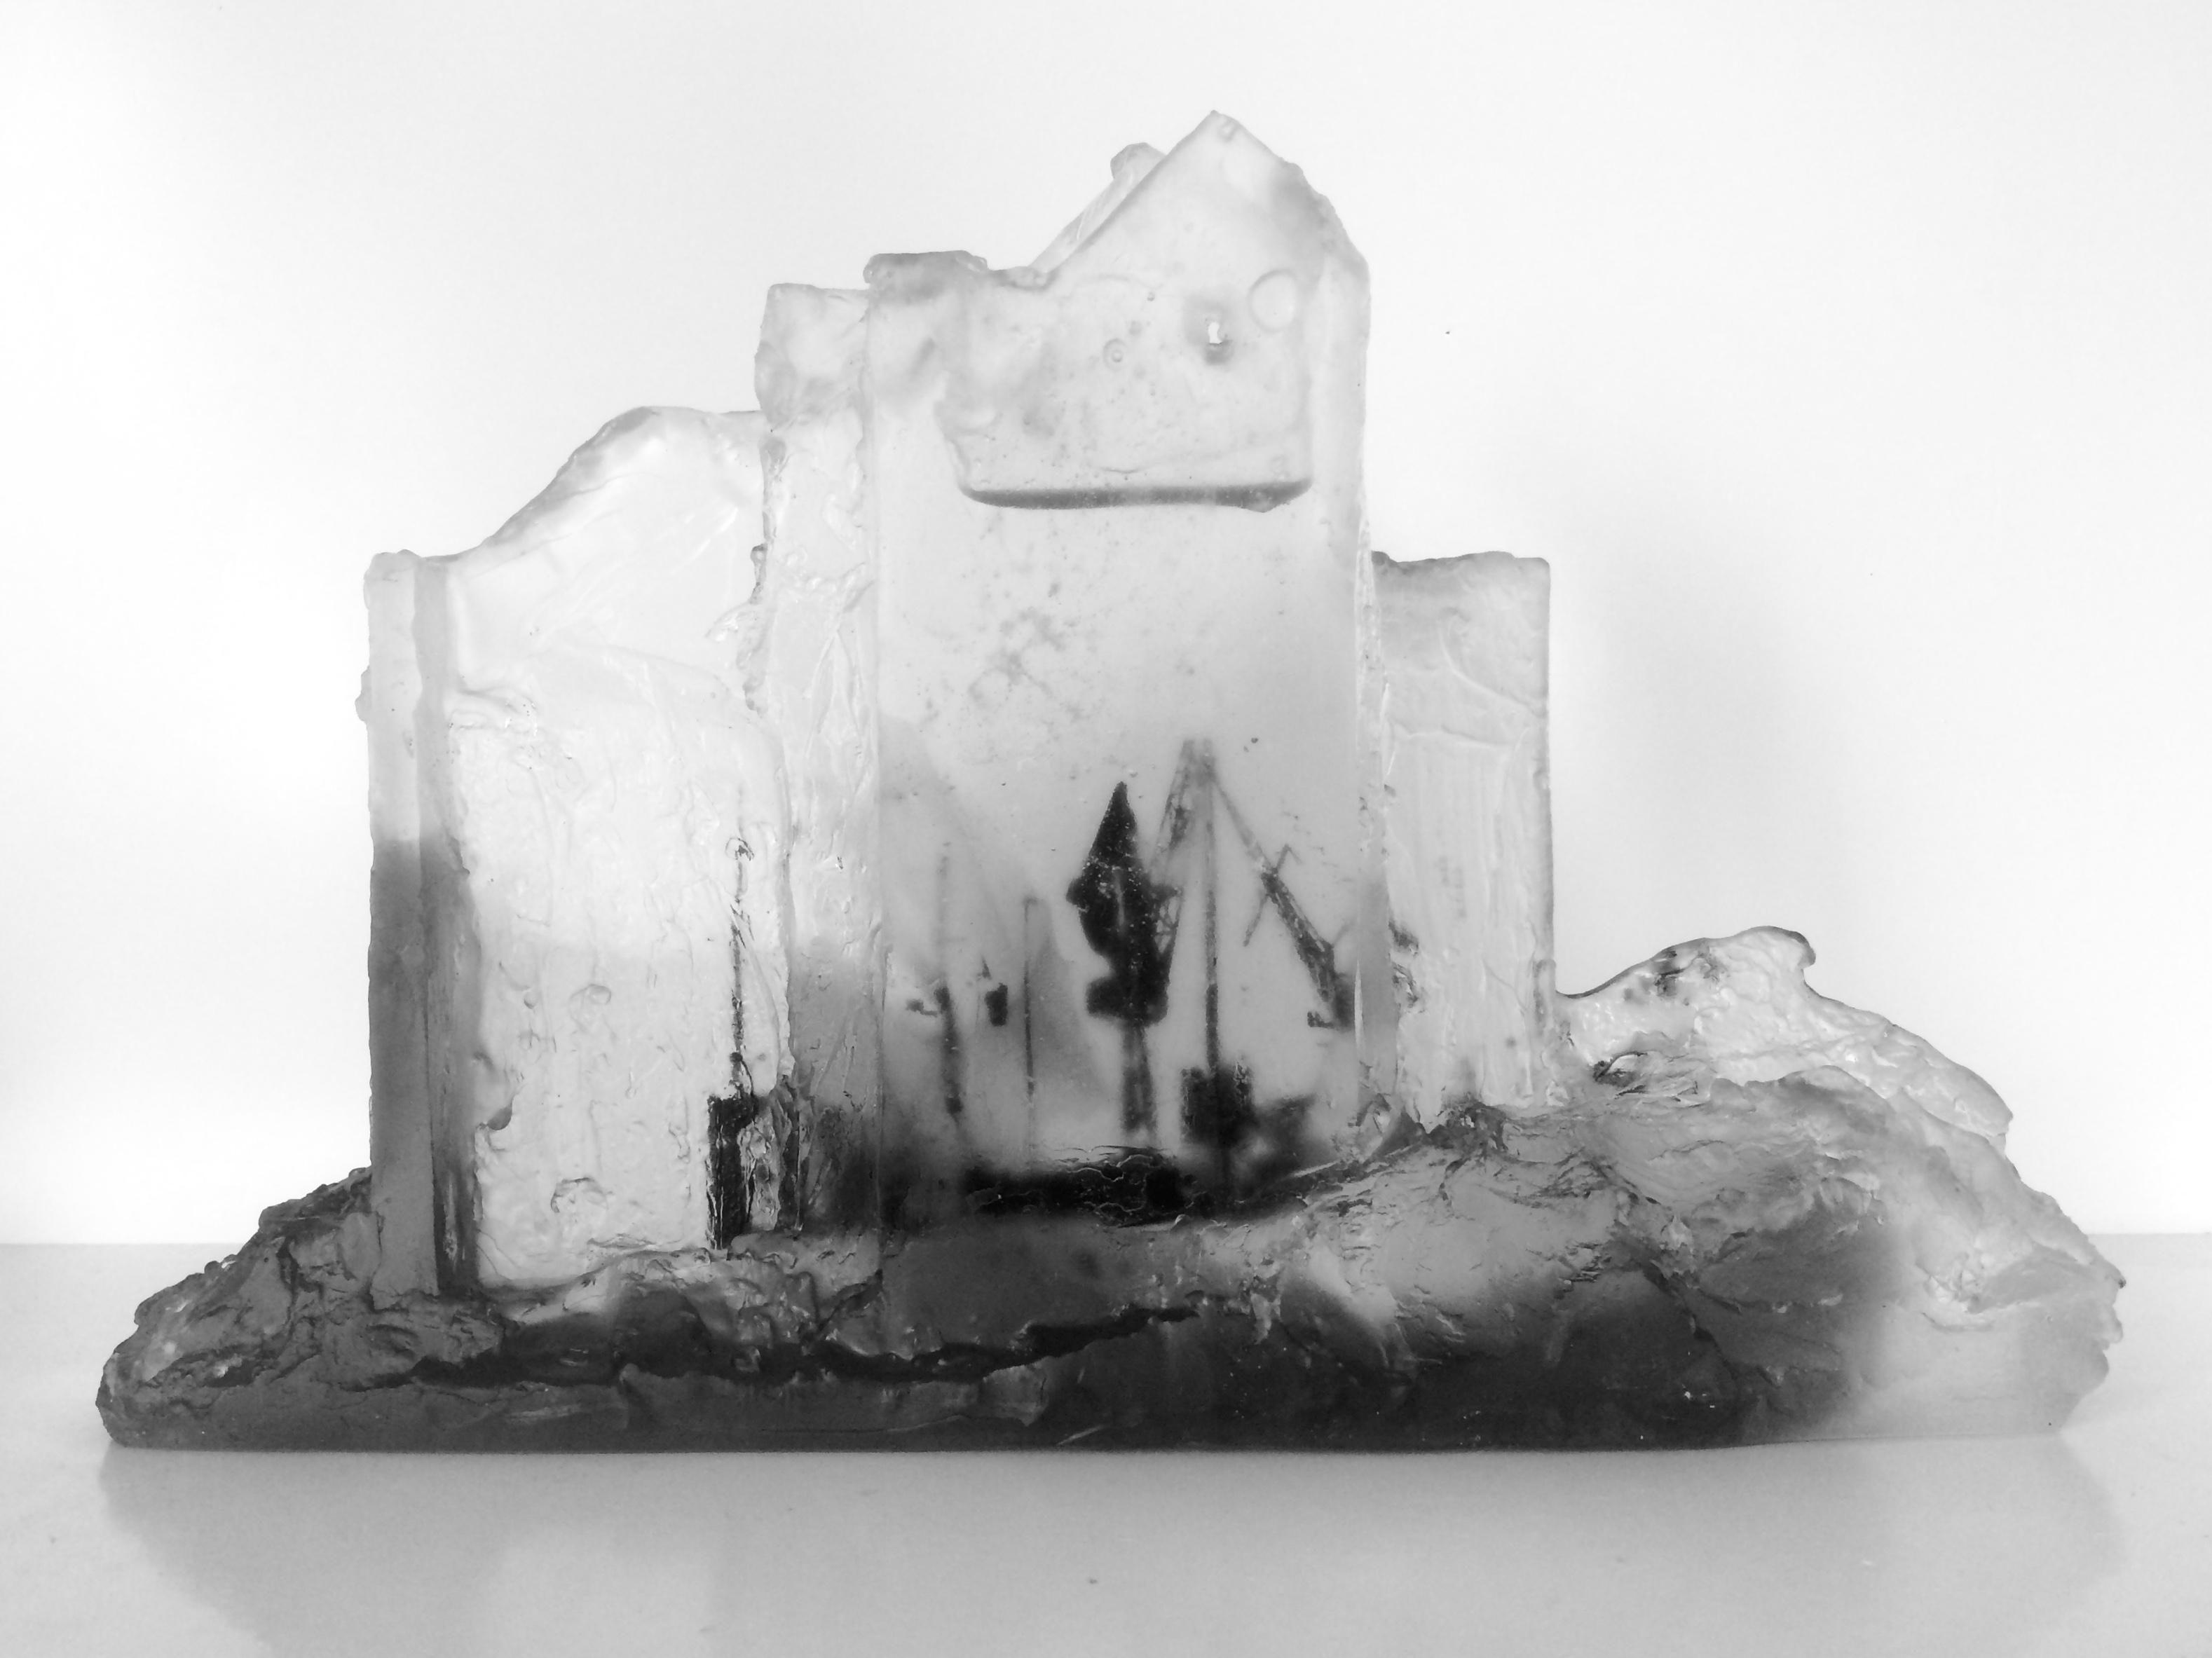 Façade en chantier, pâte de verre, verre gris et incolore, 2019